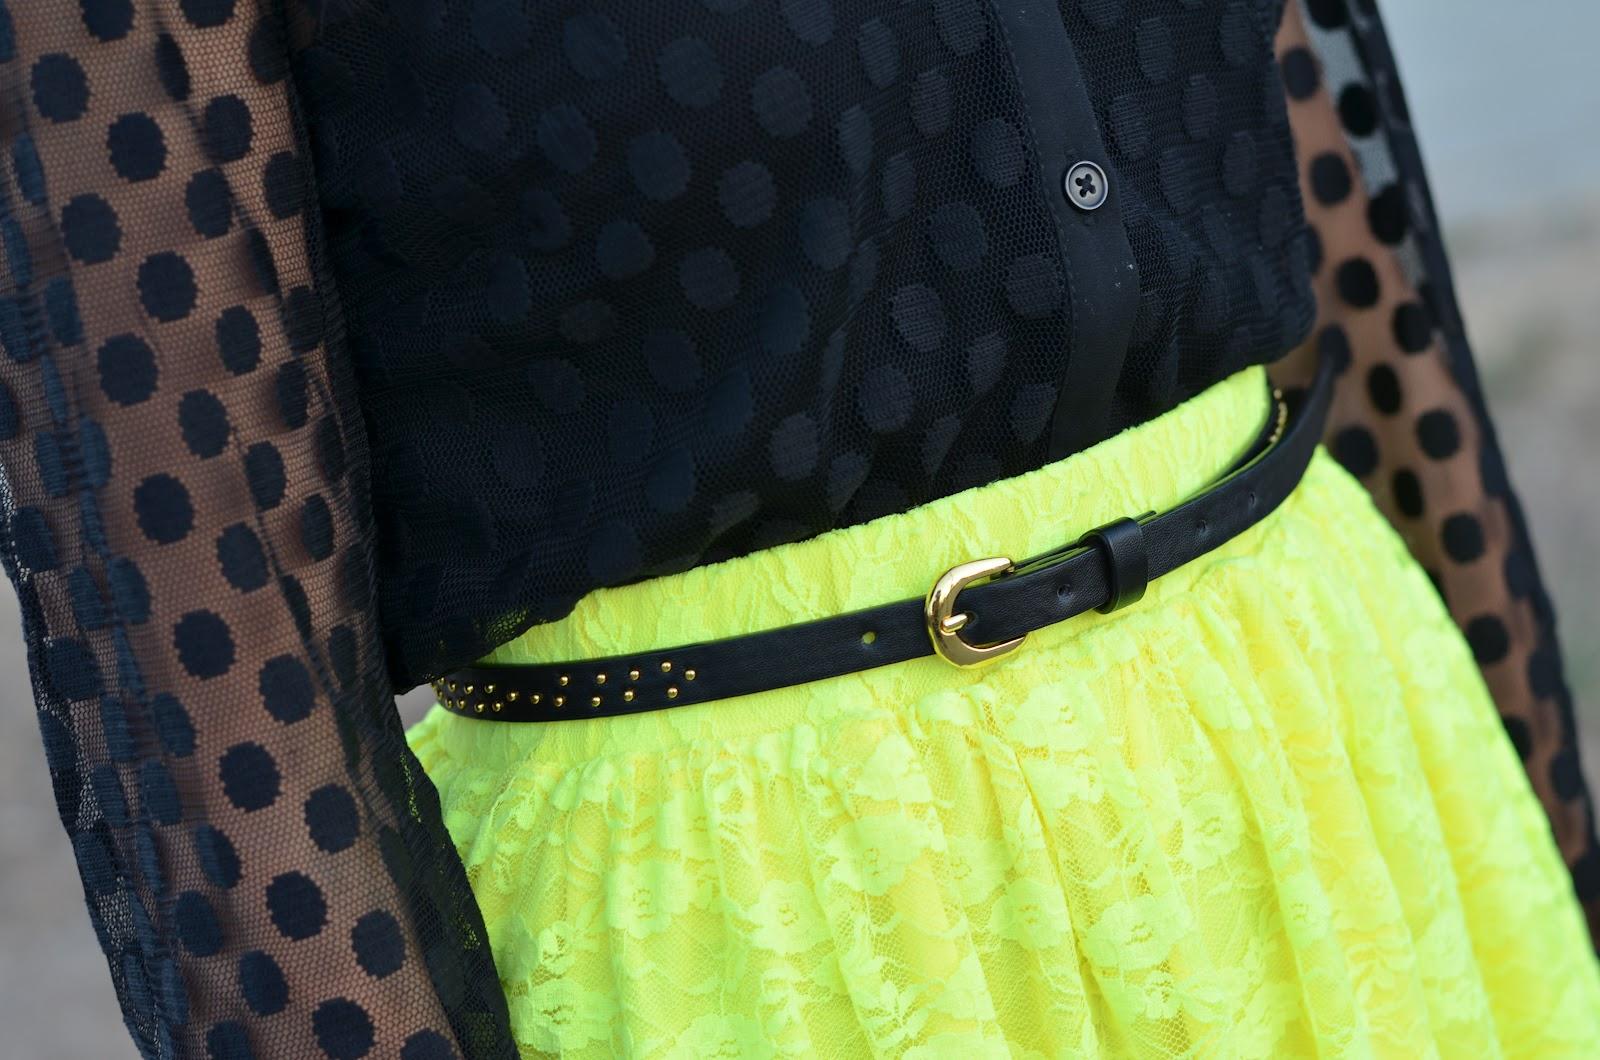 forever 21 black mesh dot blouse, forever 21 mesh dot blouse, forever 21 black sheer dot blouse, forever 21 sheer dot blouse, urban outfitters neon yellow lace skirt, urban outfitters neon yellow skirt, pins and needles neon yellow lace skirt, pins and needles neon skirt, sam edelman quinn